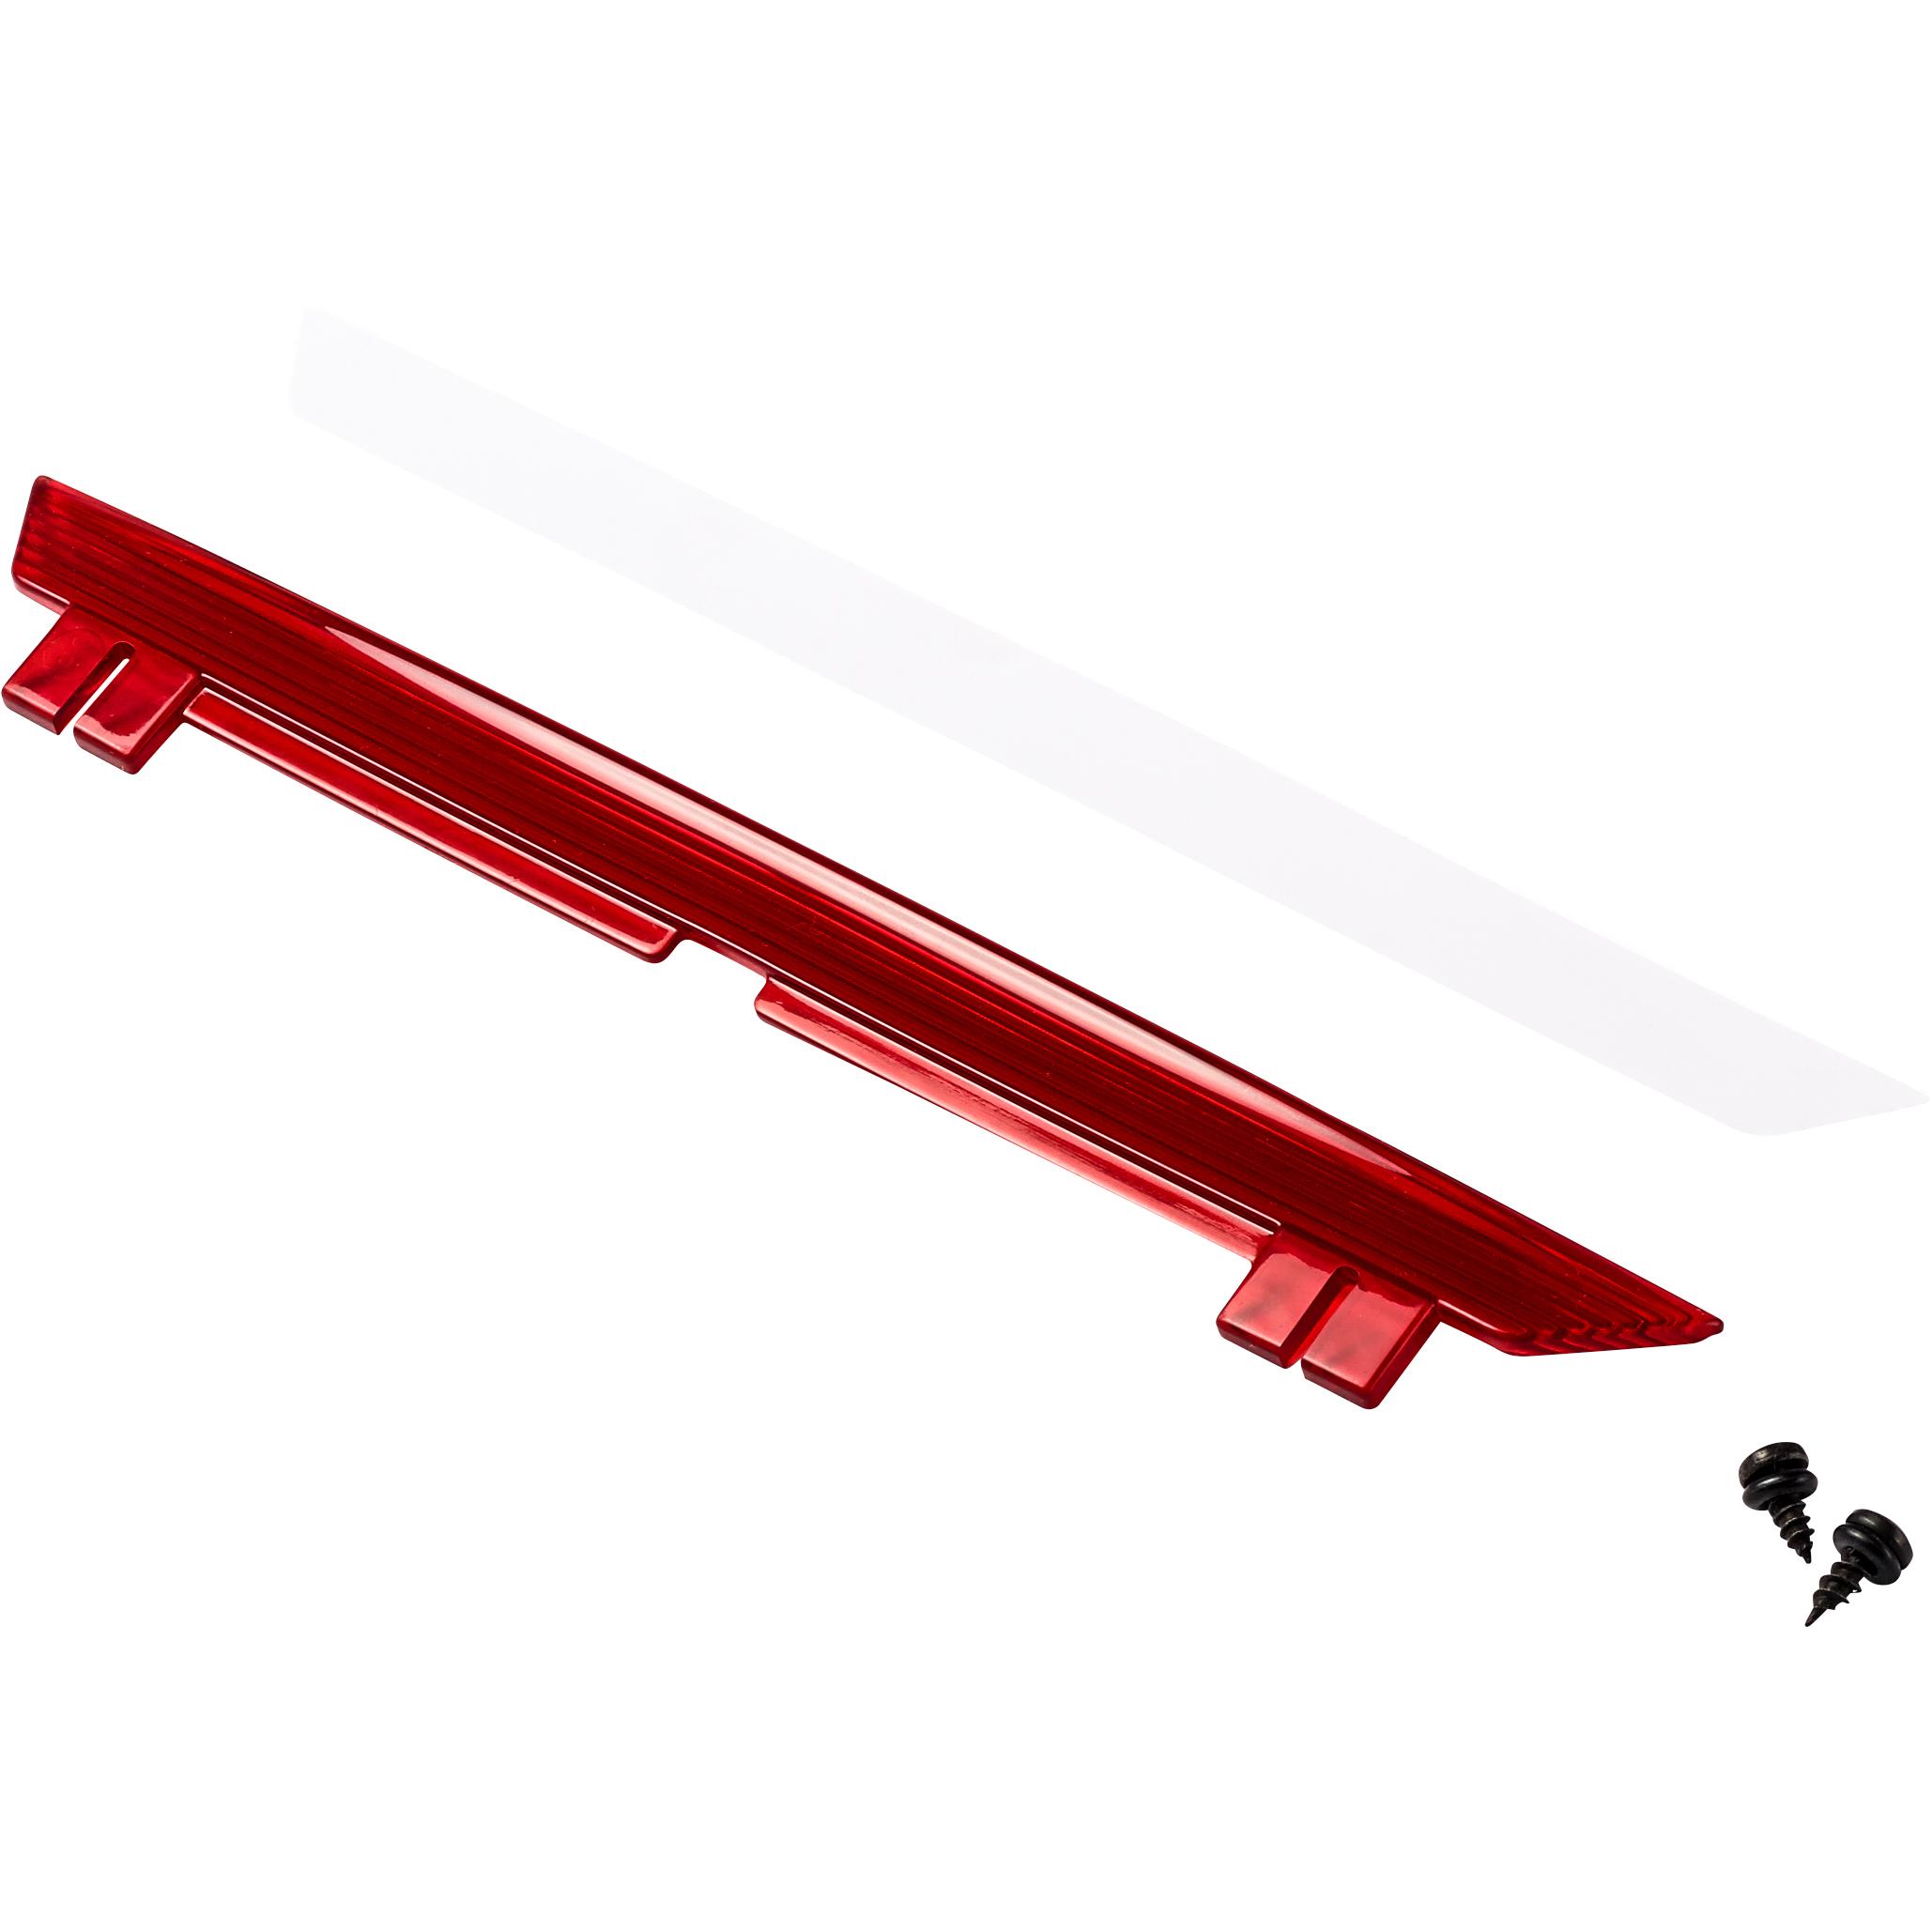 Shad Ersatz-Reflektor für SH49 Topcase rot 70210200245